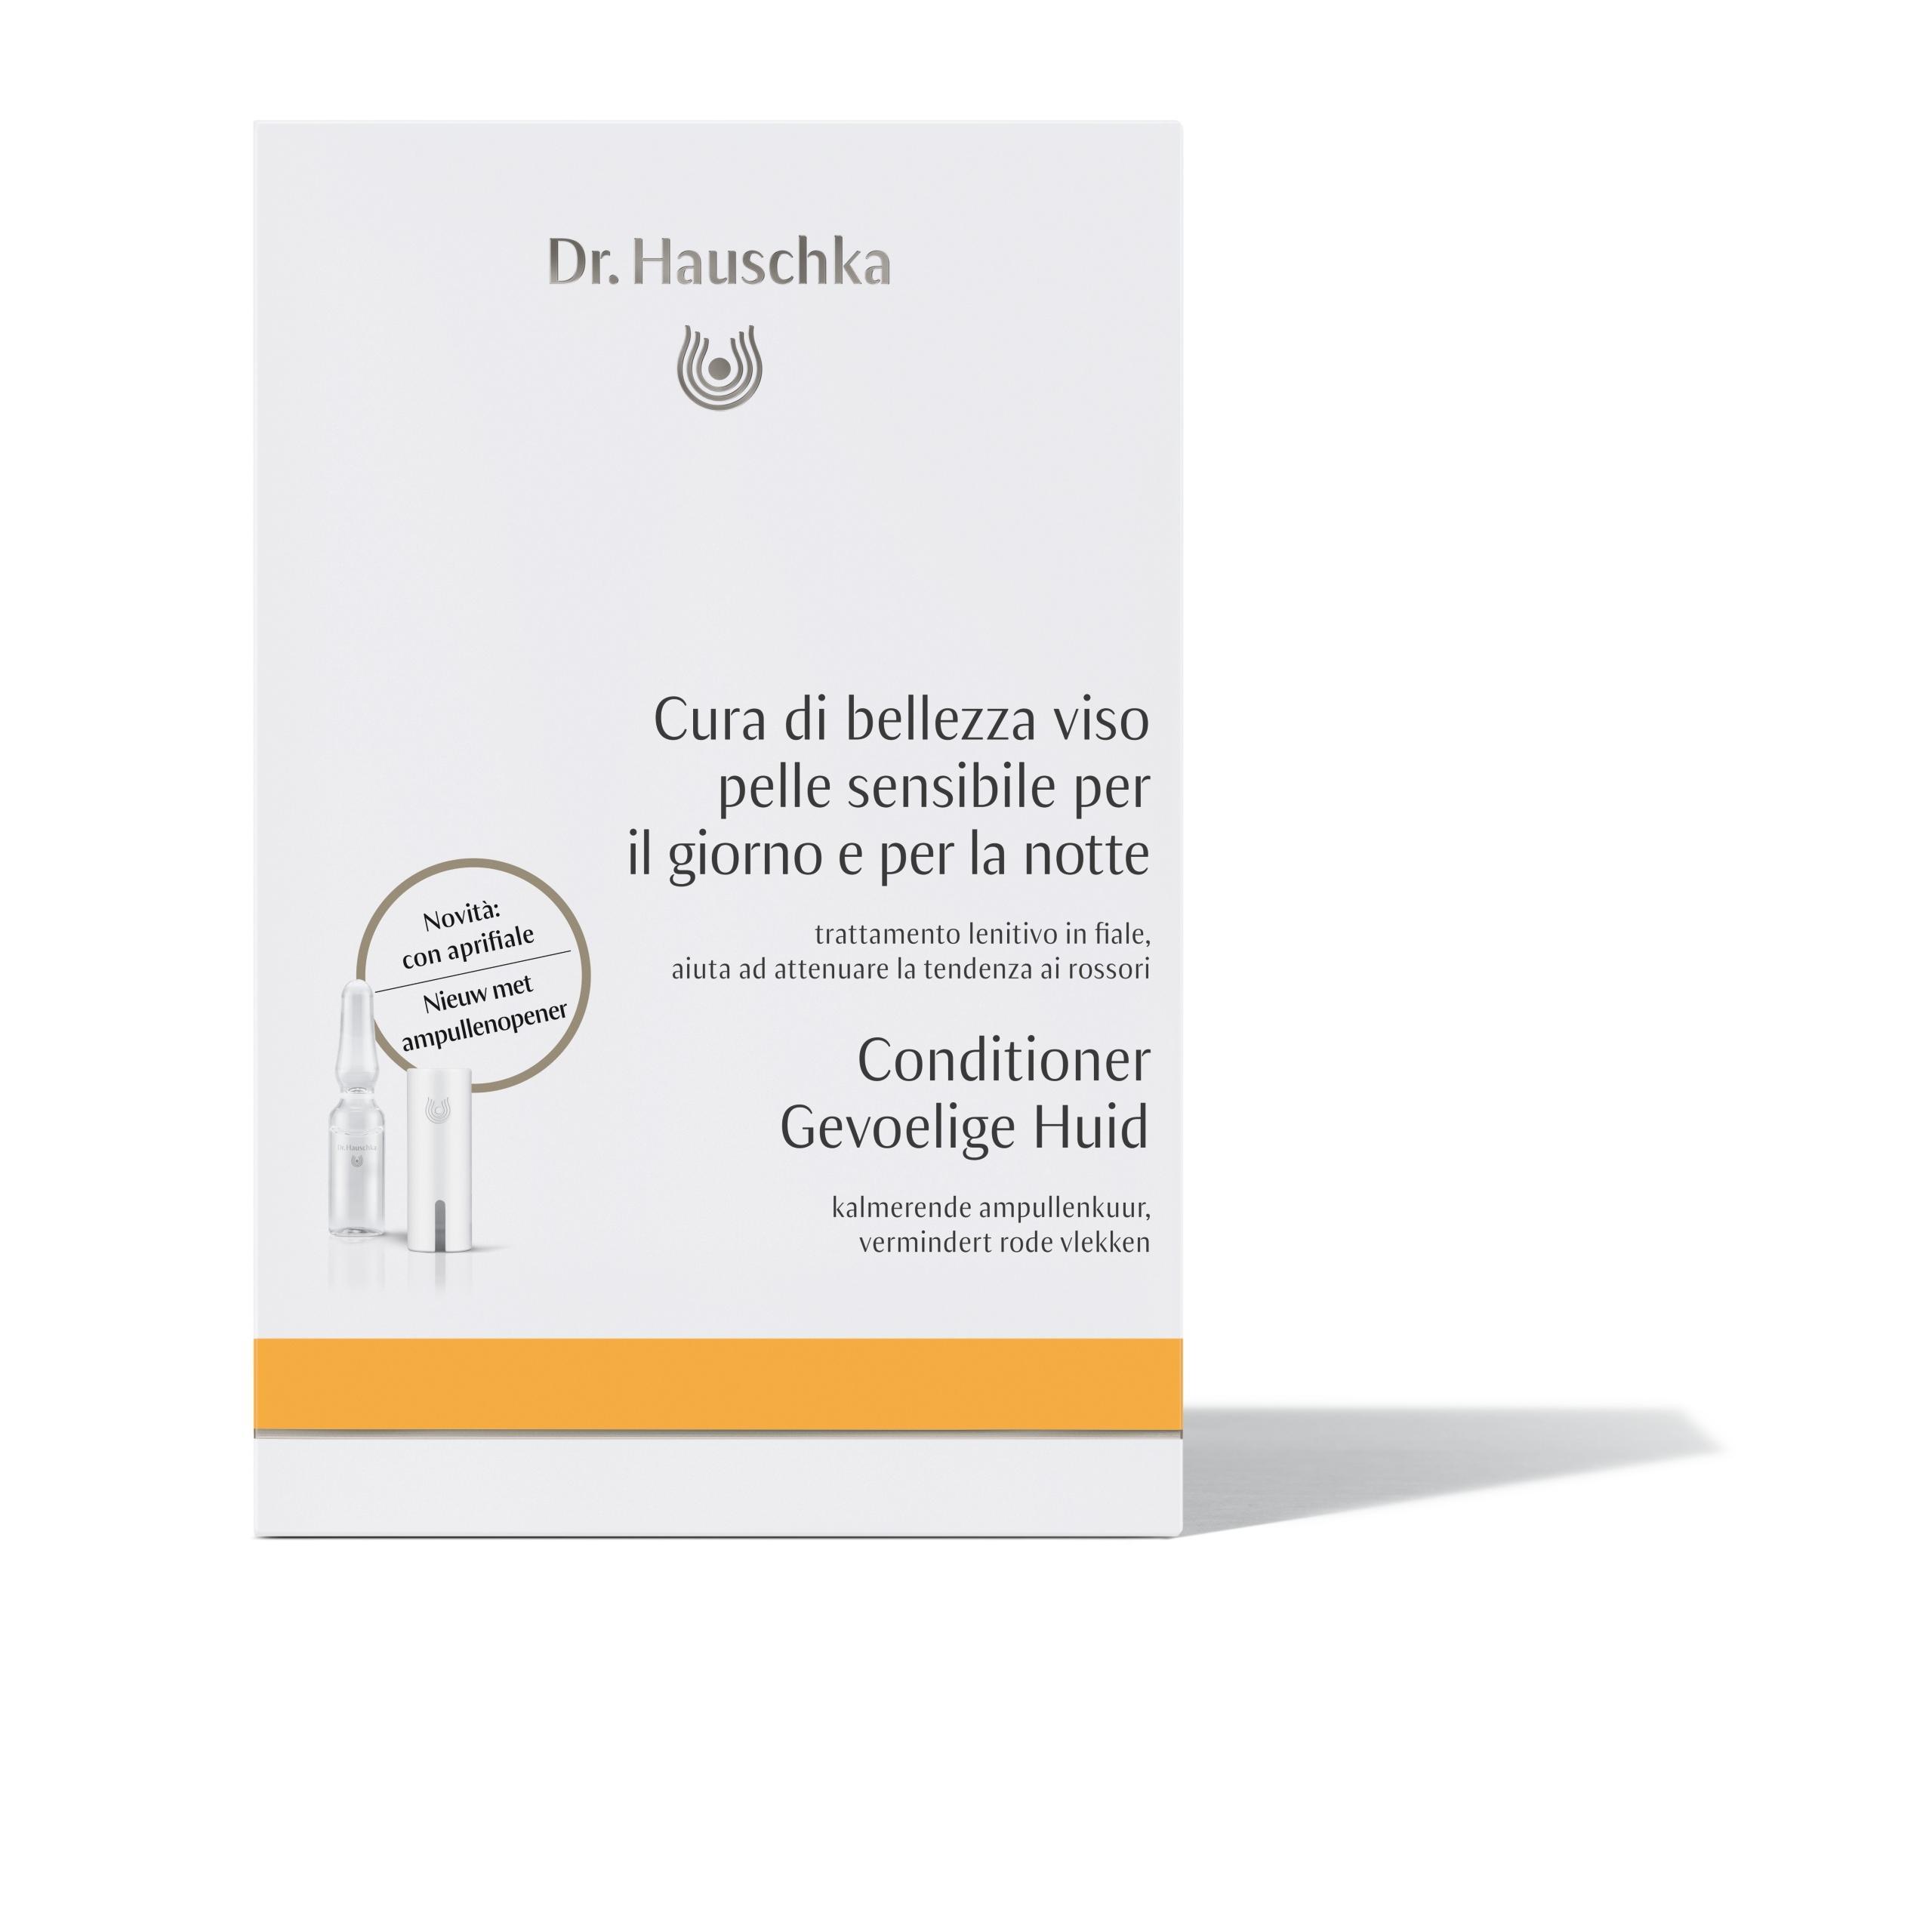 Dr Hauschka Conditioner Gevoelige Huid (voorheen Huidconditioner S) 50 ampullen